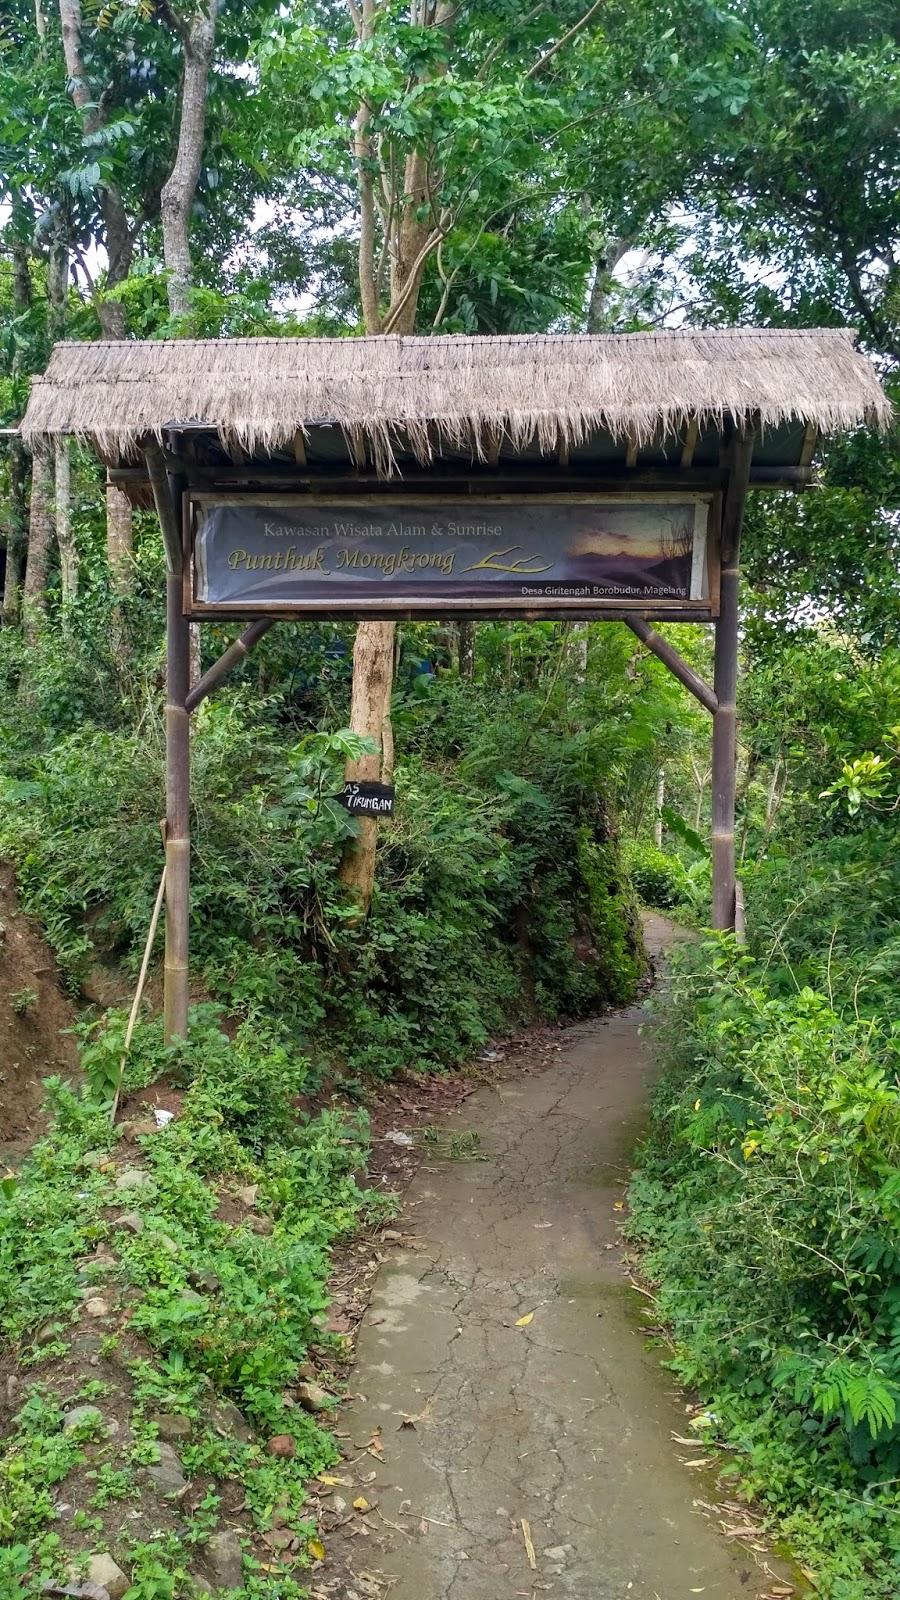 Menikmati Keindahan Alam Pegunungan Menoreh Punthuk Mongkrong Jalan Masuk Menuju